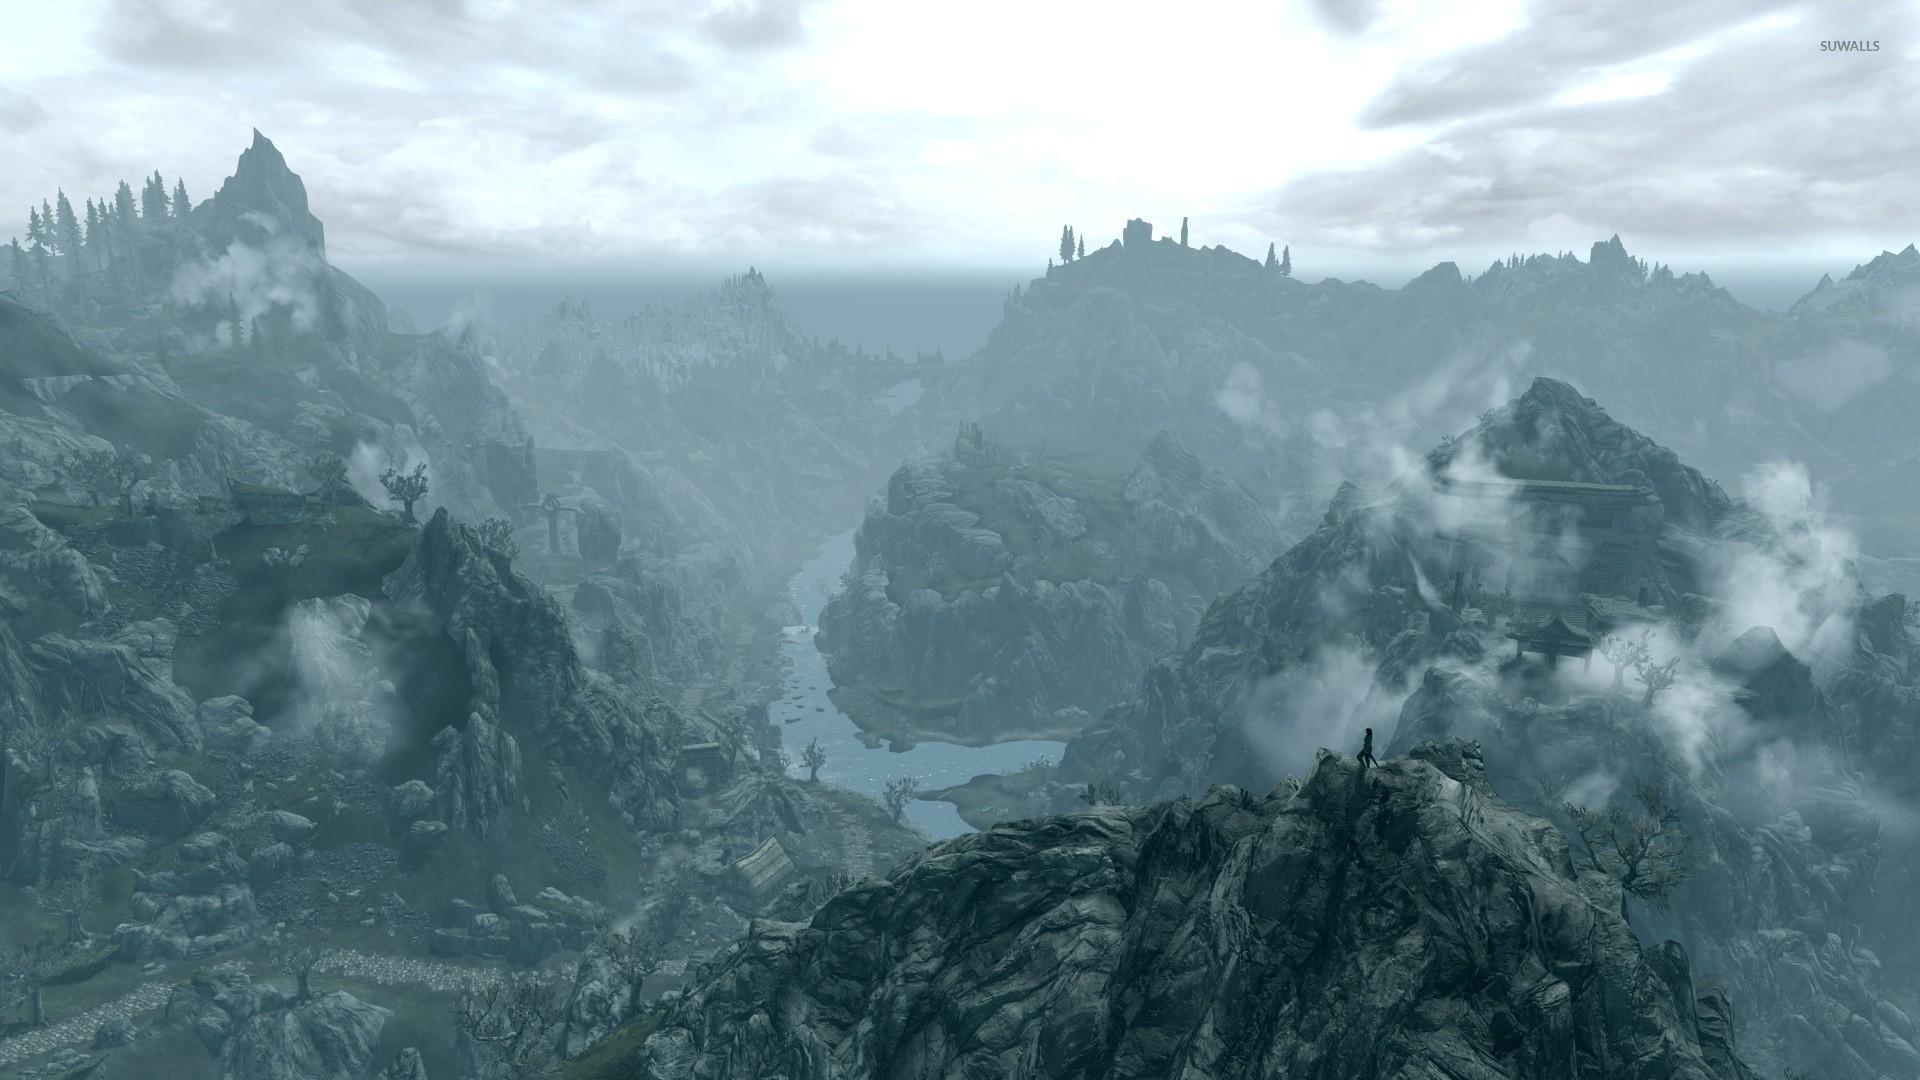 Foggy Mountains In The Elder Scrolls V Skyrim Wallpaper